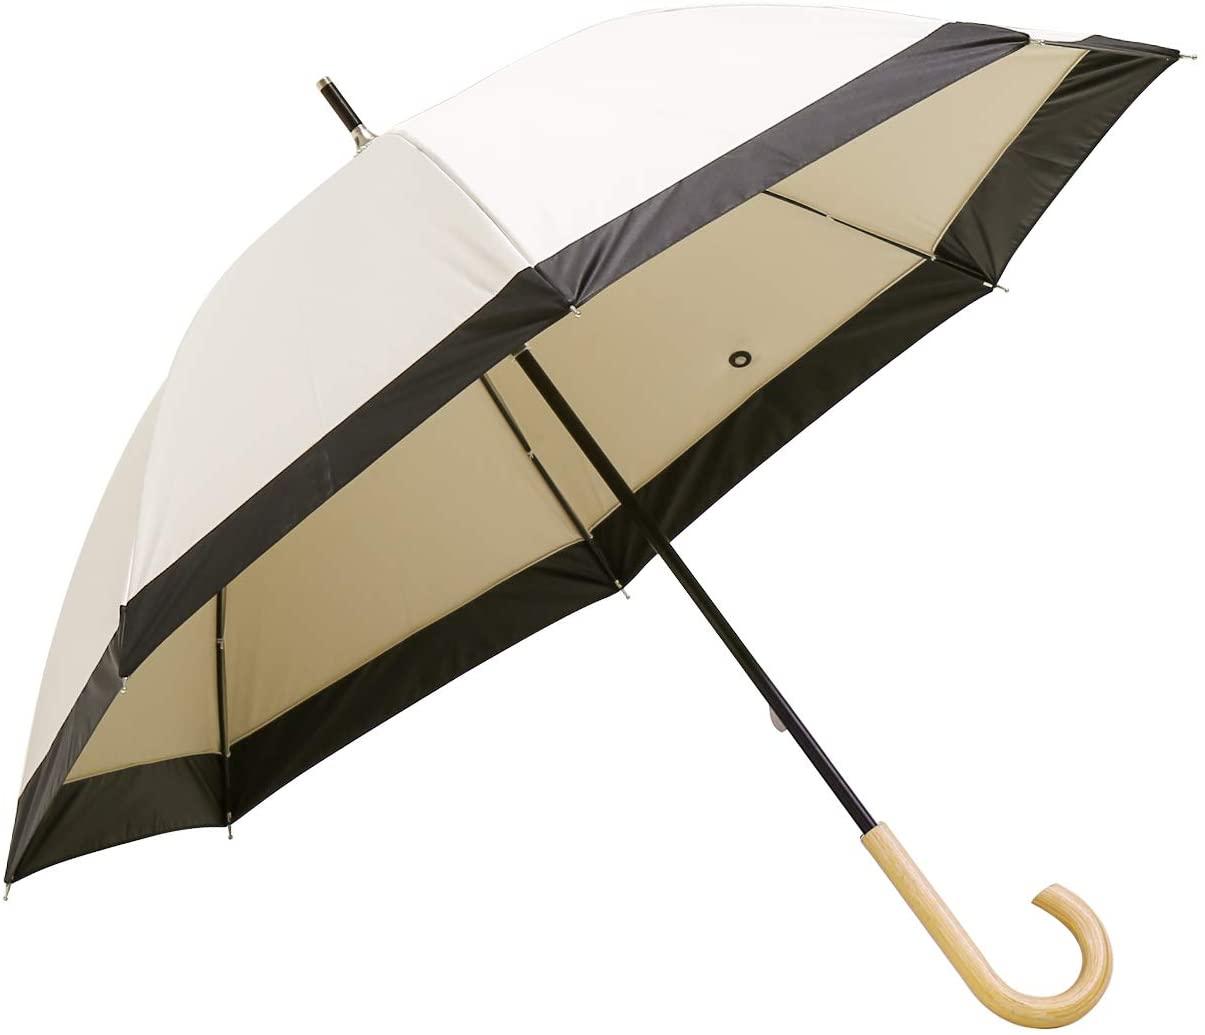 MODERN DECO(モダンデコ) 晴雨兼用 UVカット日傘 エッジラインタイプの商品画像